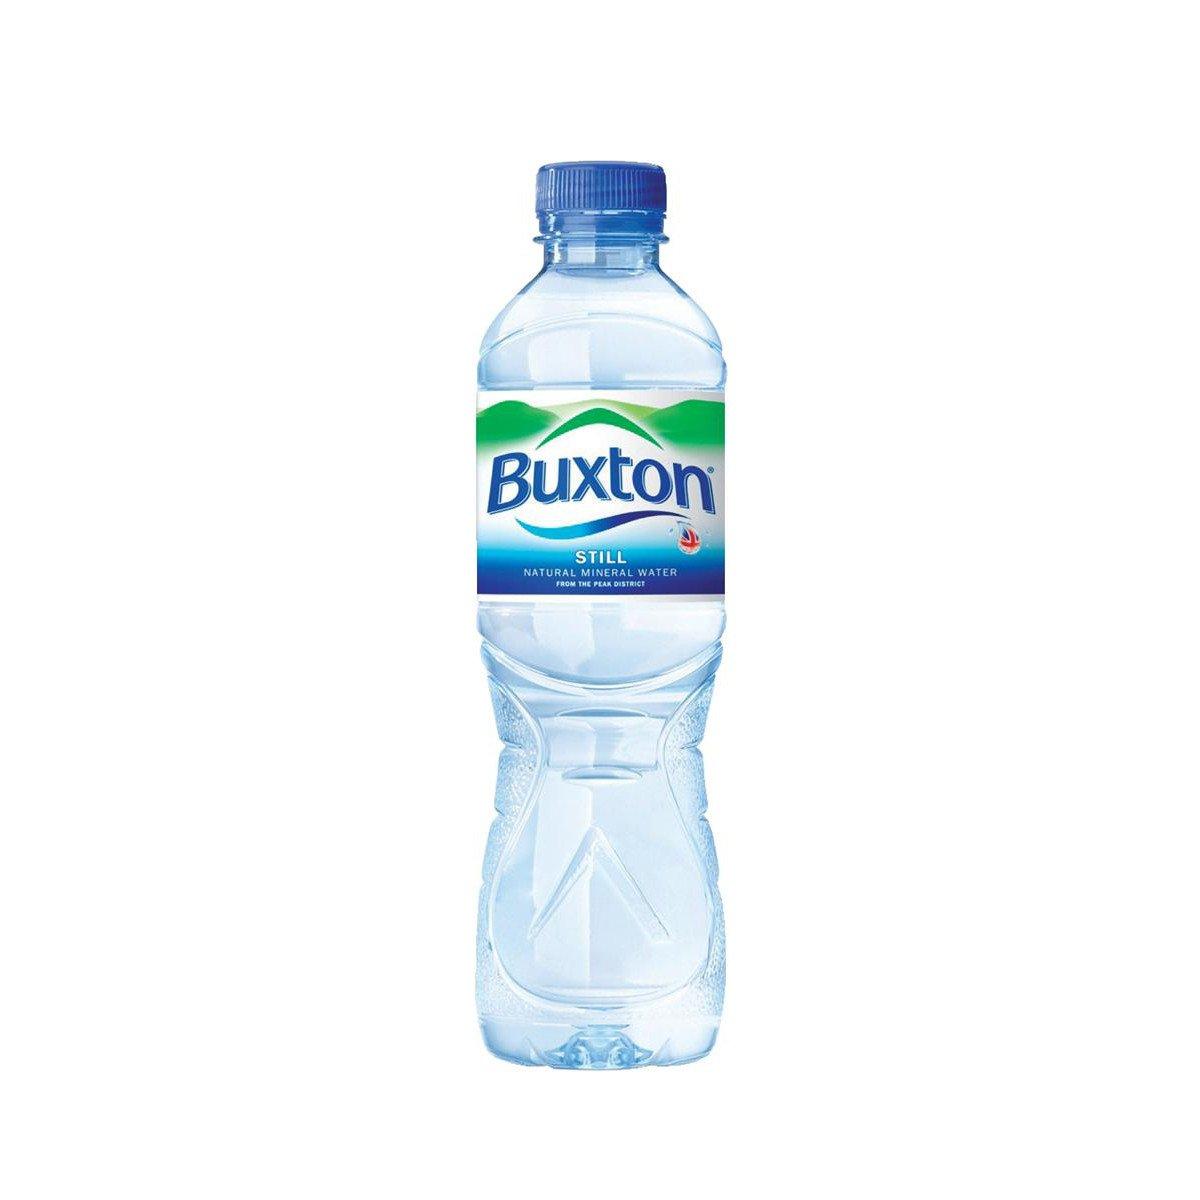 Buxton 500ml Water Still Pk24 Janitorial Direct Ltd